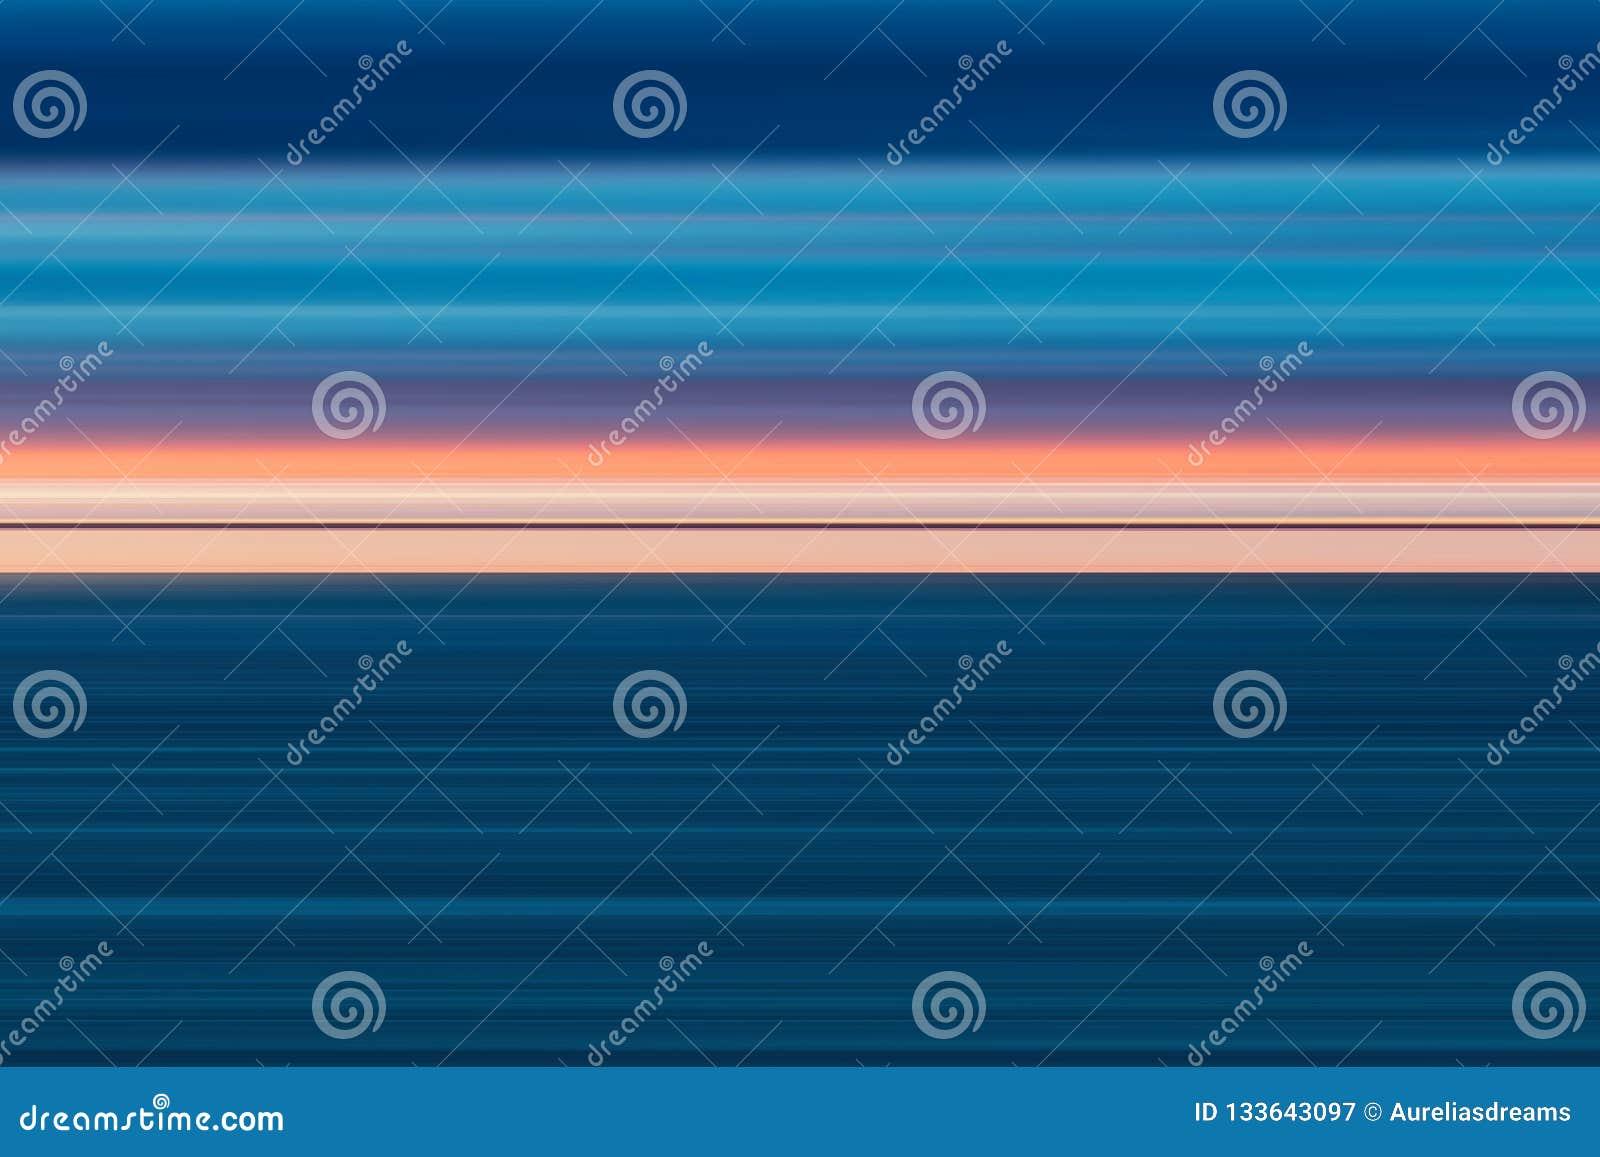 Lignes lumineuses abstraites colorées fond, texture rayée horizontale dans le rose et tons bleus